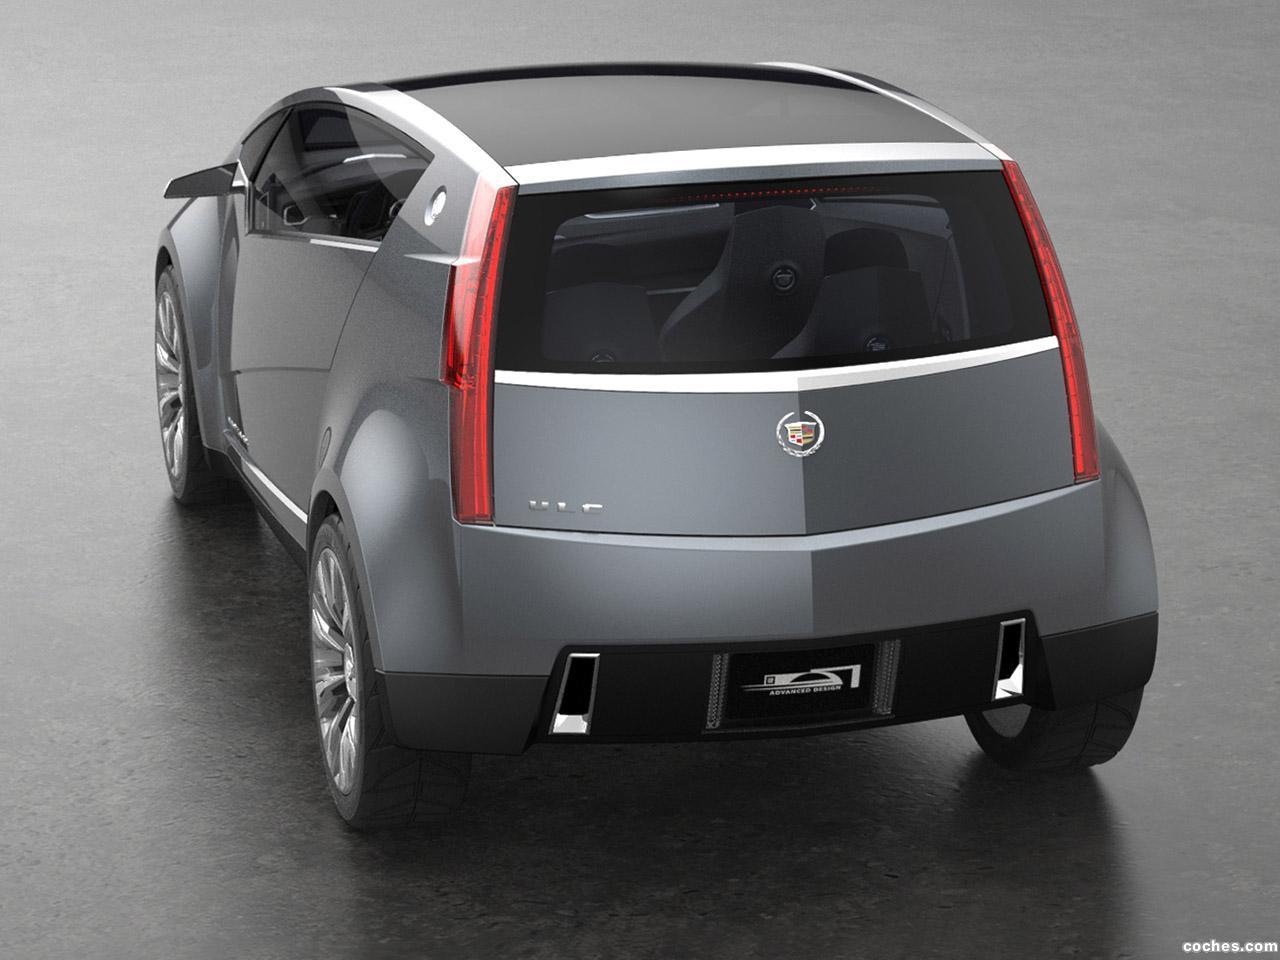 Foto 11 de Cadillac Urban Luxury Concept 2010